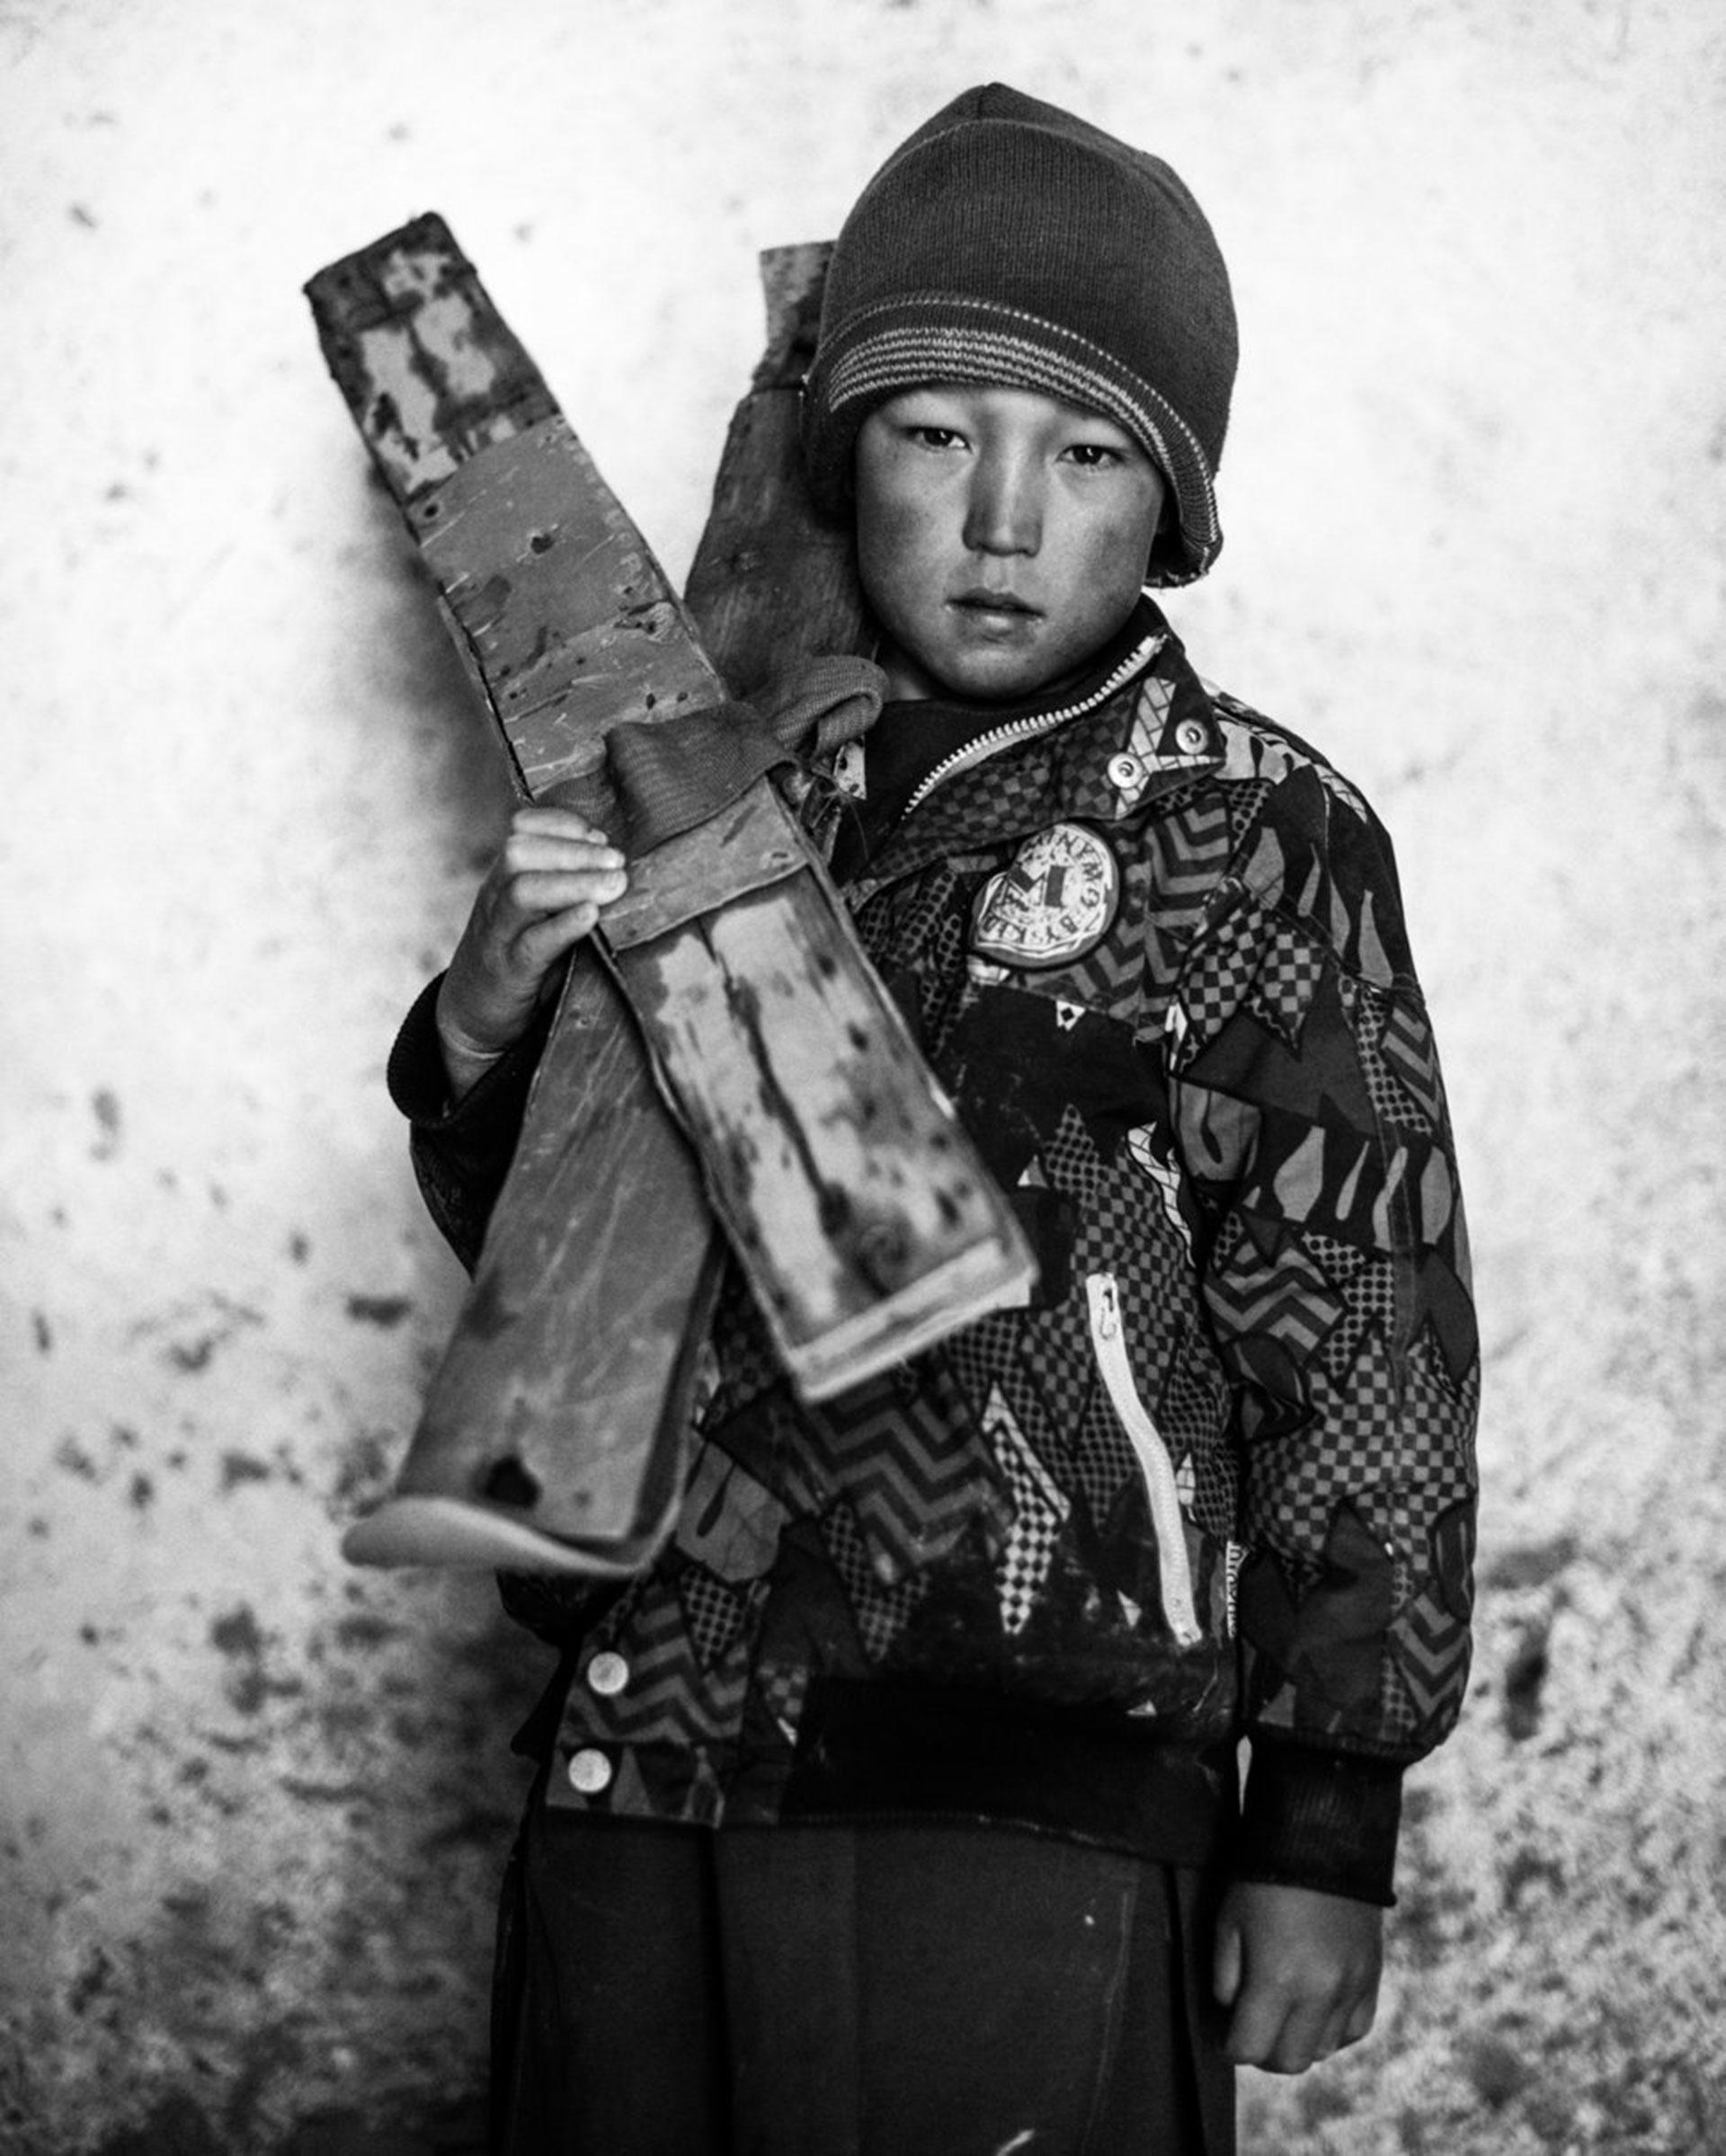 """Competencia """"Profesional"""" – Categoría """"Retrato"""": un retrato de Omid, que no conoce su edad, con sus esquís caseros en la mezquita del pueblo de Aub Bala. (Gentileza Sony World Photography Awards)"""